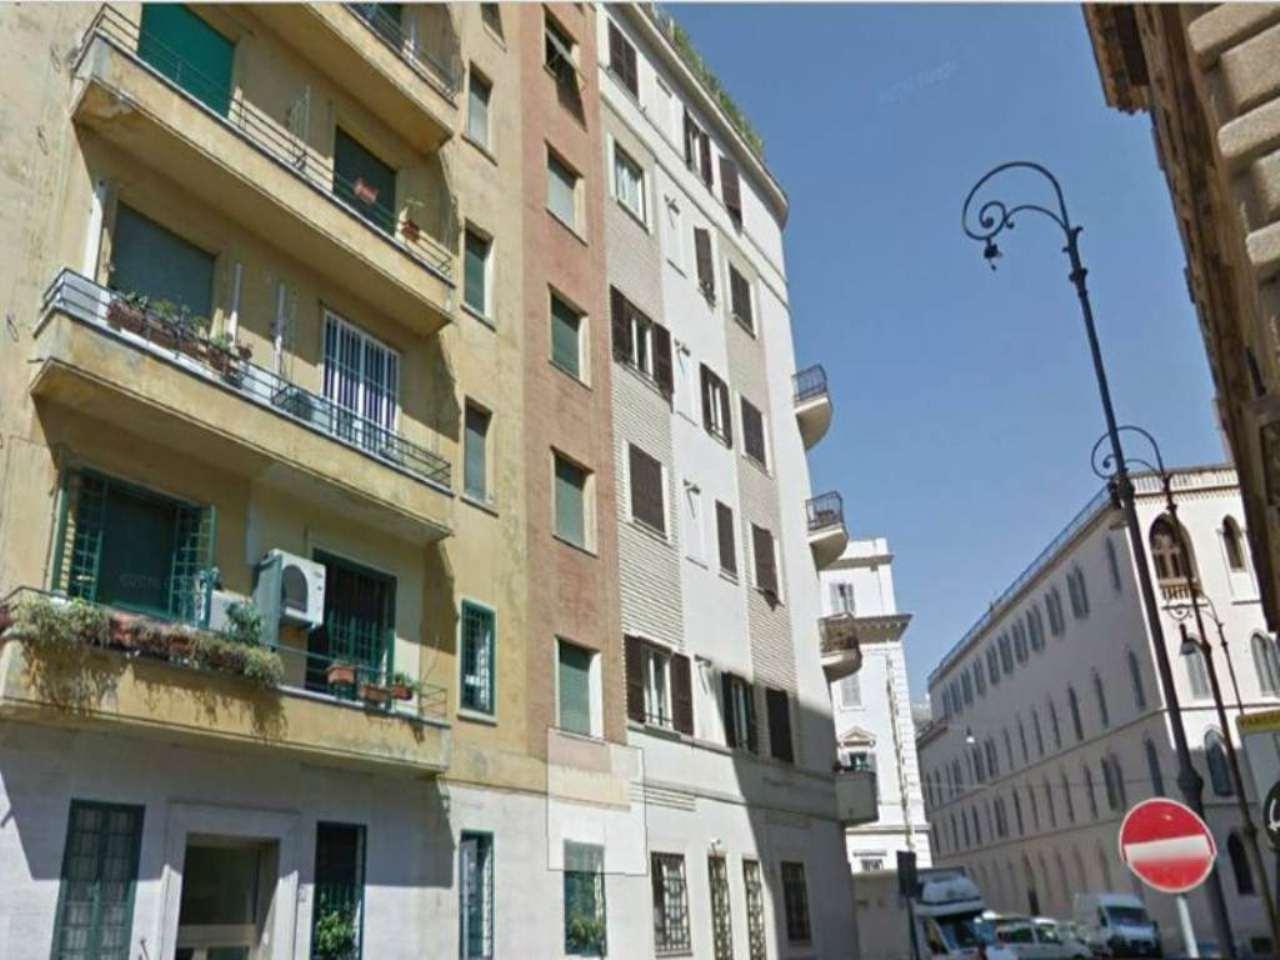 Bilocale roma vendita 350000 euro zona 1 centro 29 09 2016 for Bilocale vendita roma centro